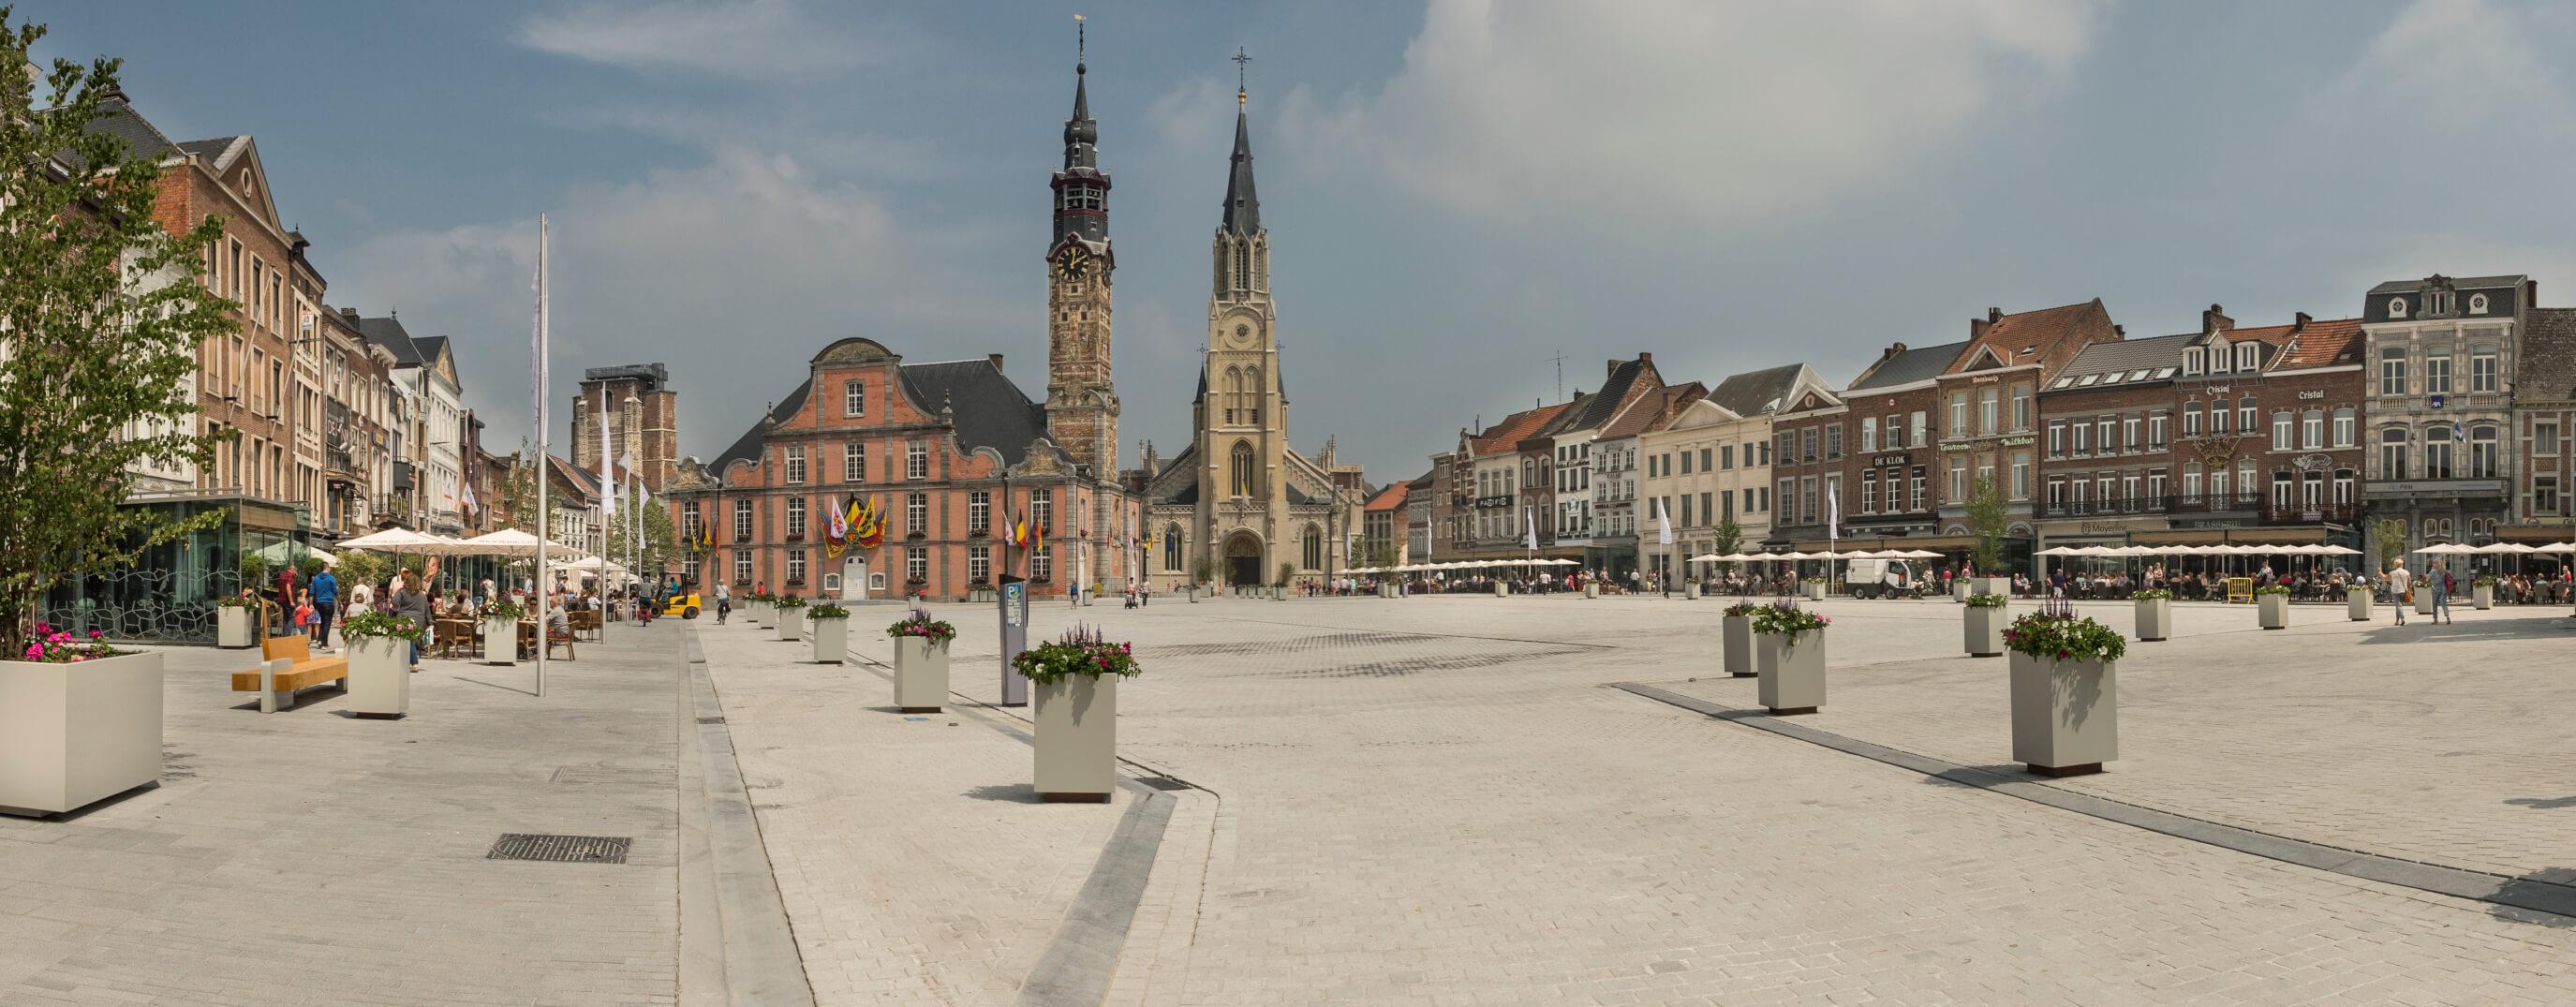 Stadhuis Belfort & Grote Markt - Toerisme Sint-Truiden